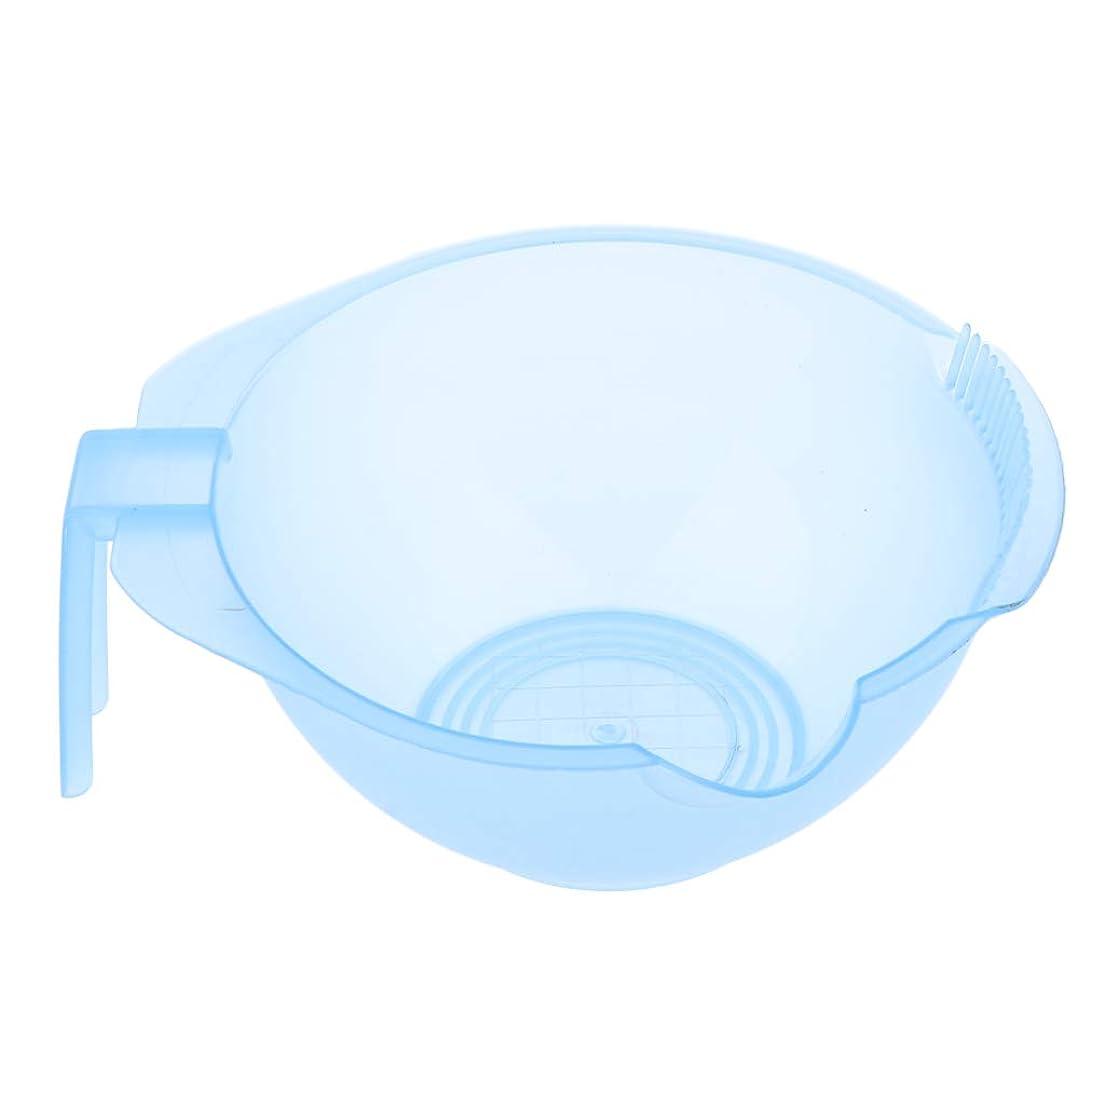 マークされた毎月レタスヘアダイ カップ ヘアカラーボウル 染料クリーム ミキシングボウル プラスチック 5色選べ - 青